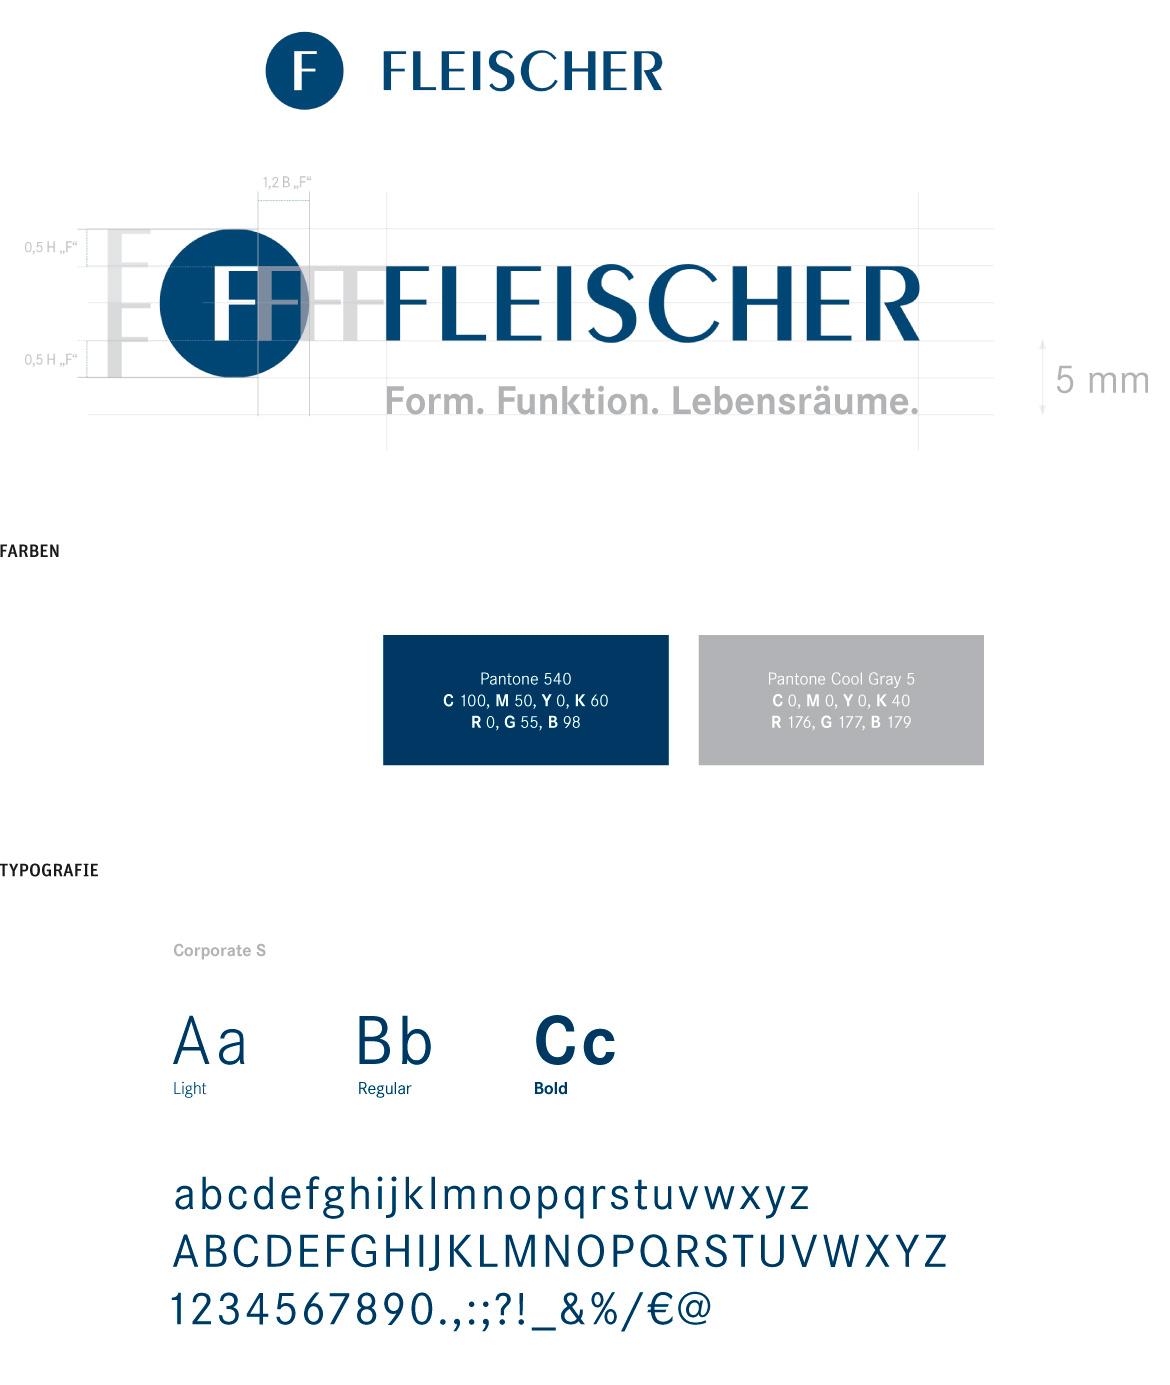 Hh Markenentwicklung Und Employer Branding Fleischer Corporate